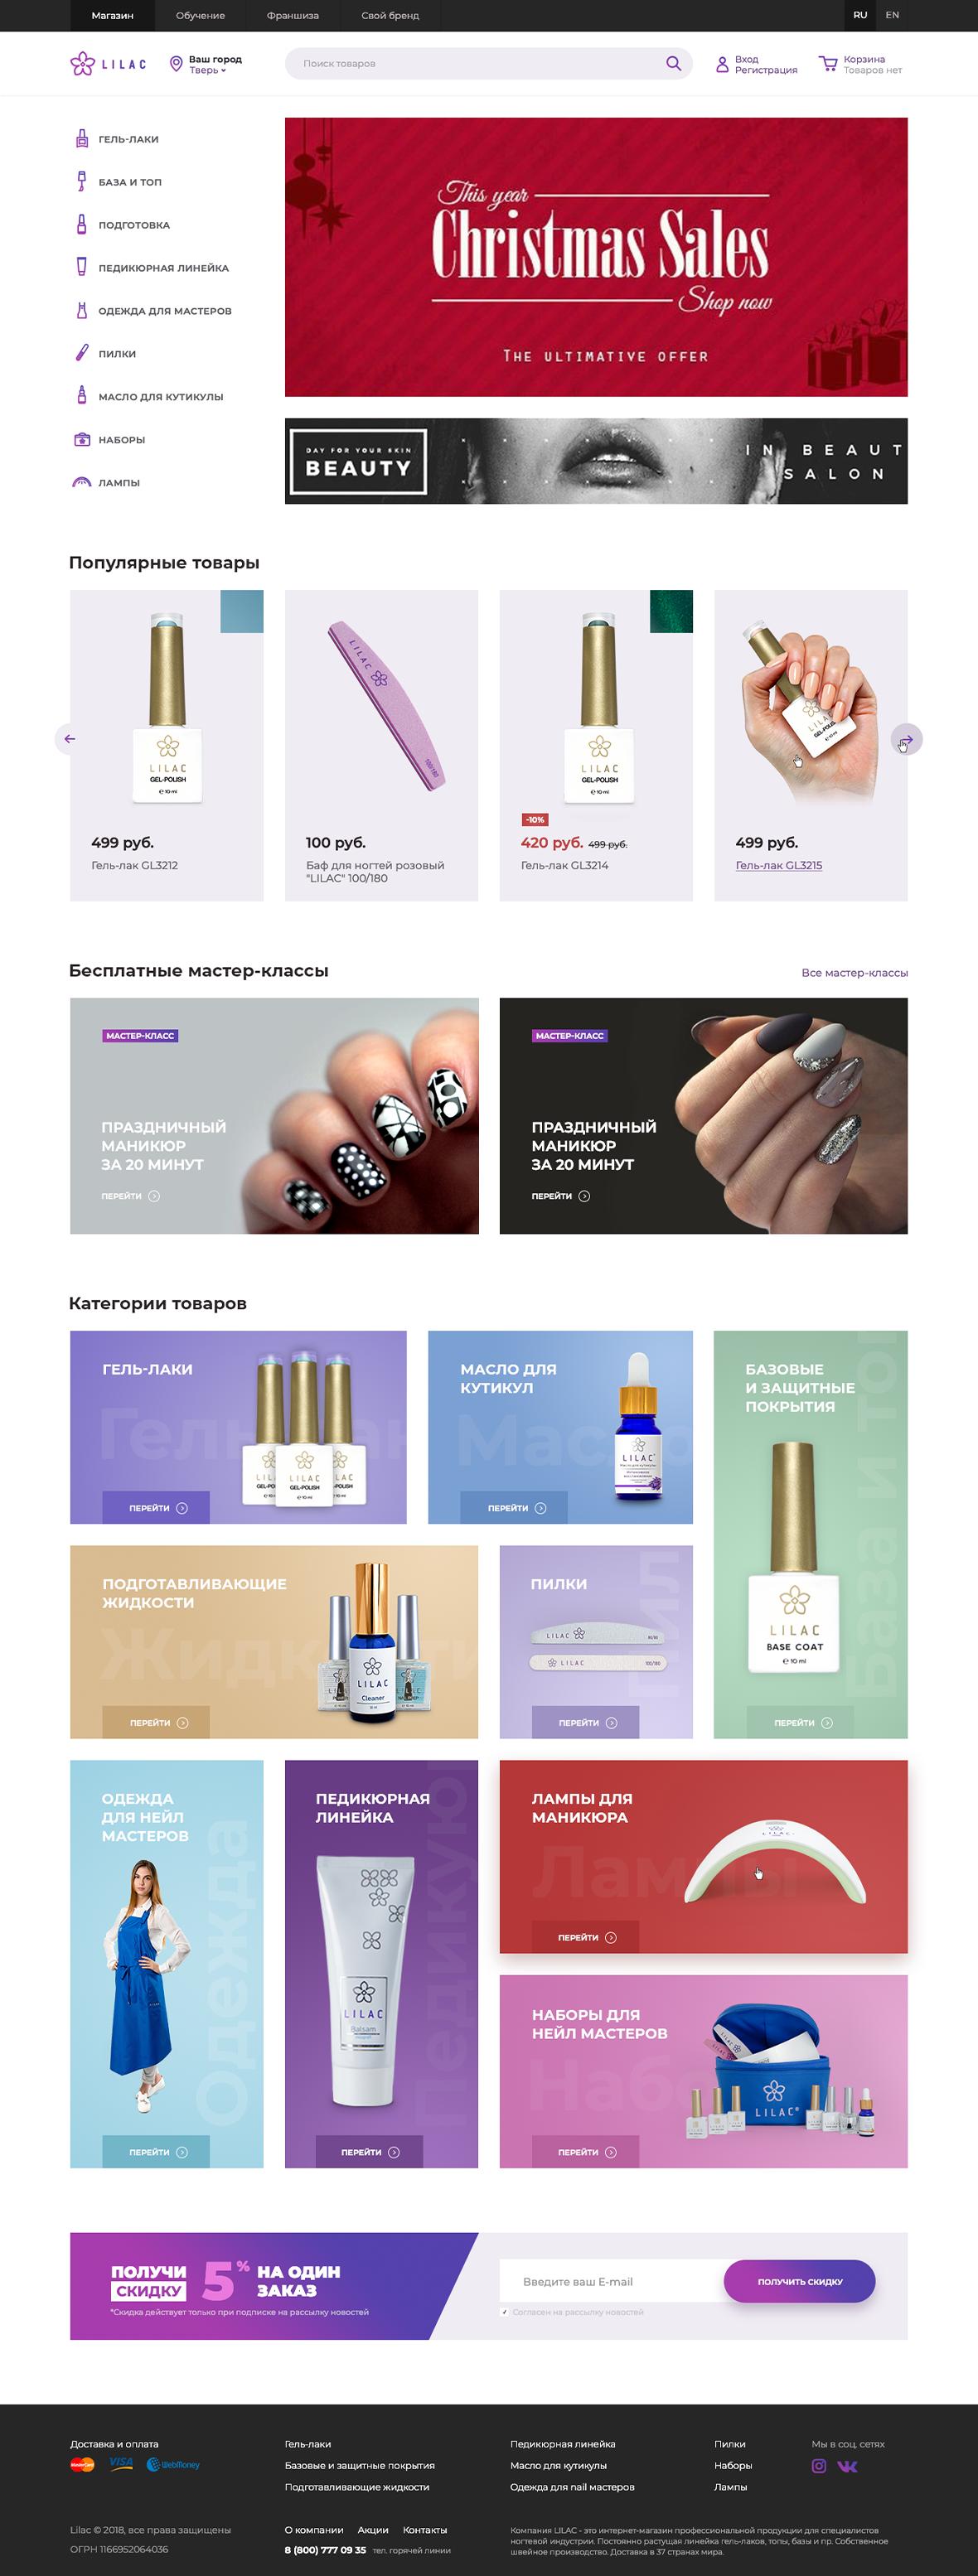 дизайн интернет-магазина nail товаров